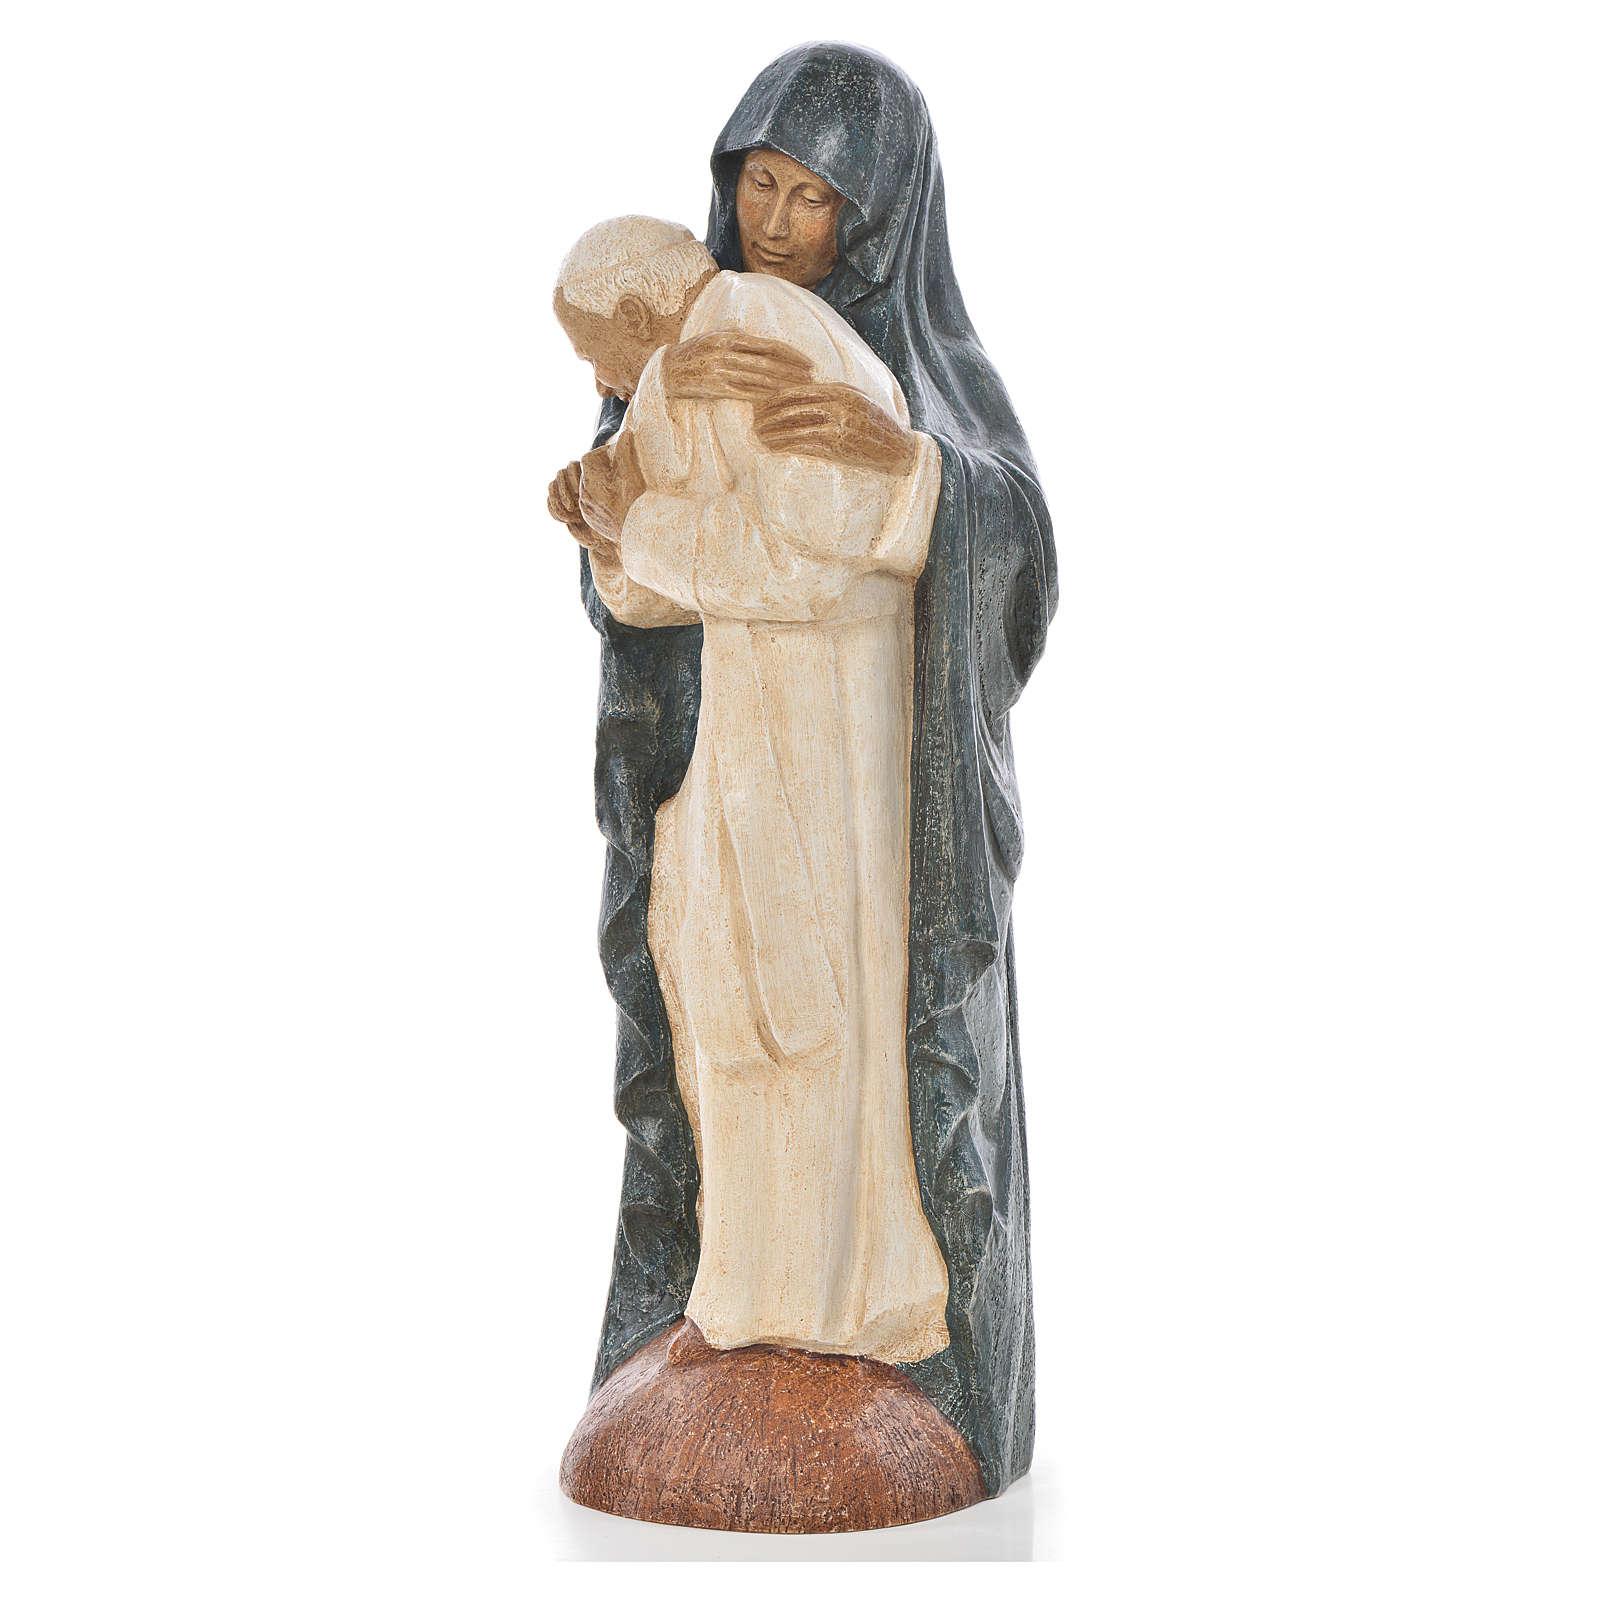 Maryja szaty niebieskie i Jan Paweł II kamień Bethleem 56 cm 4